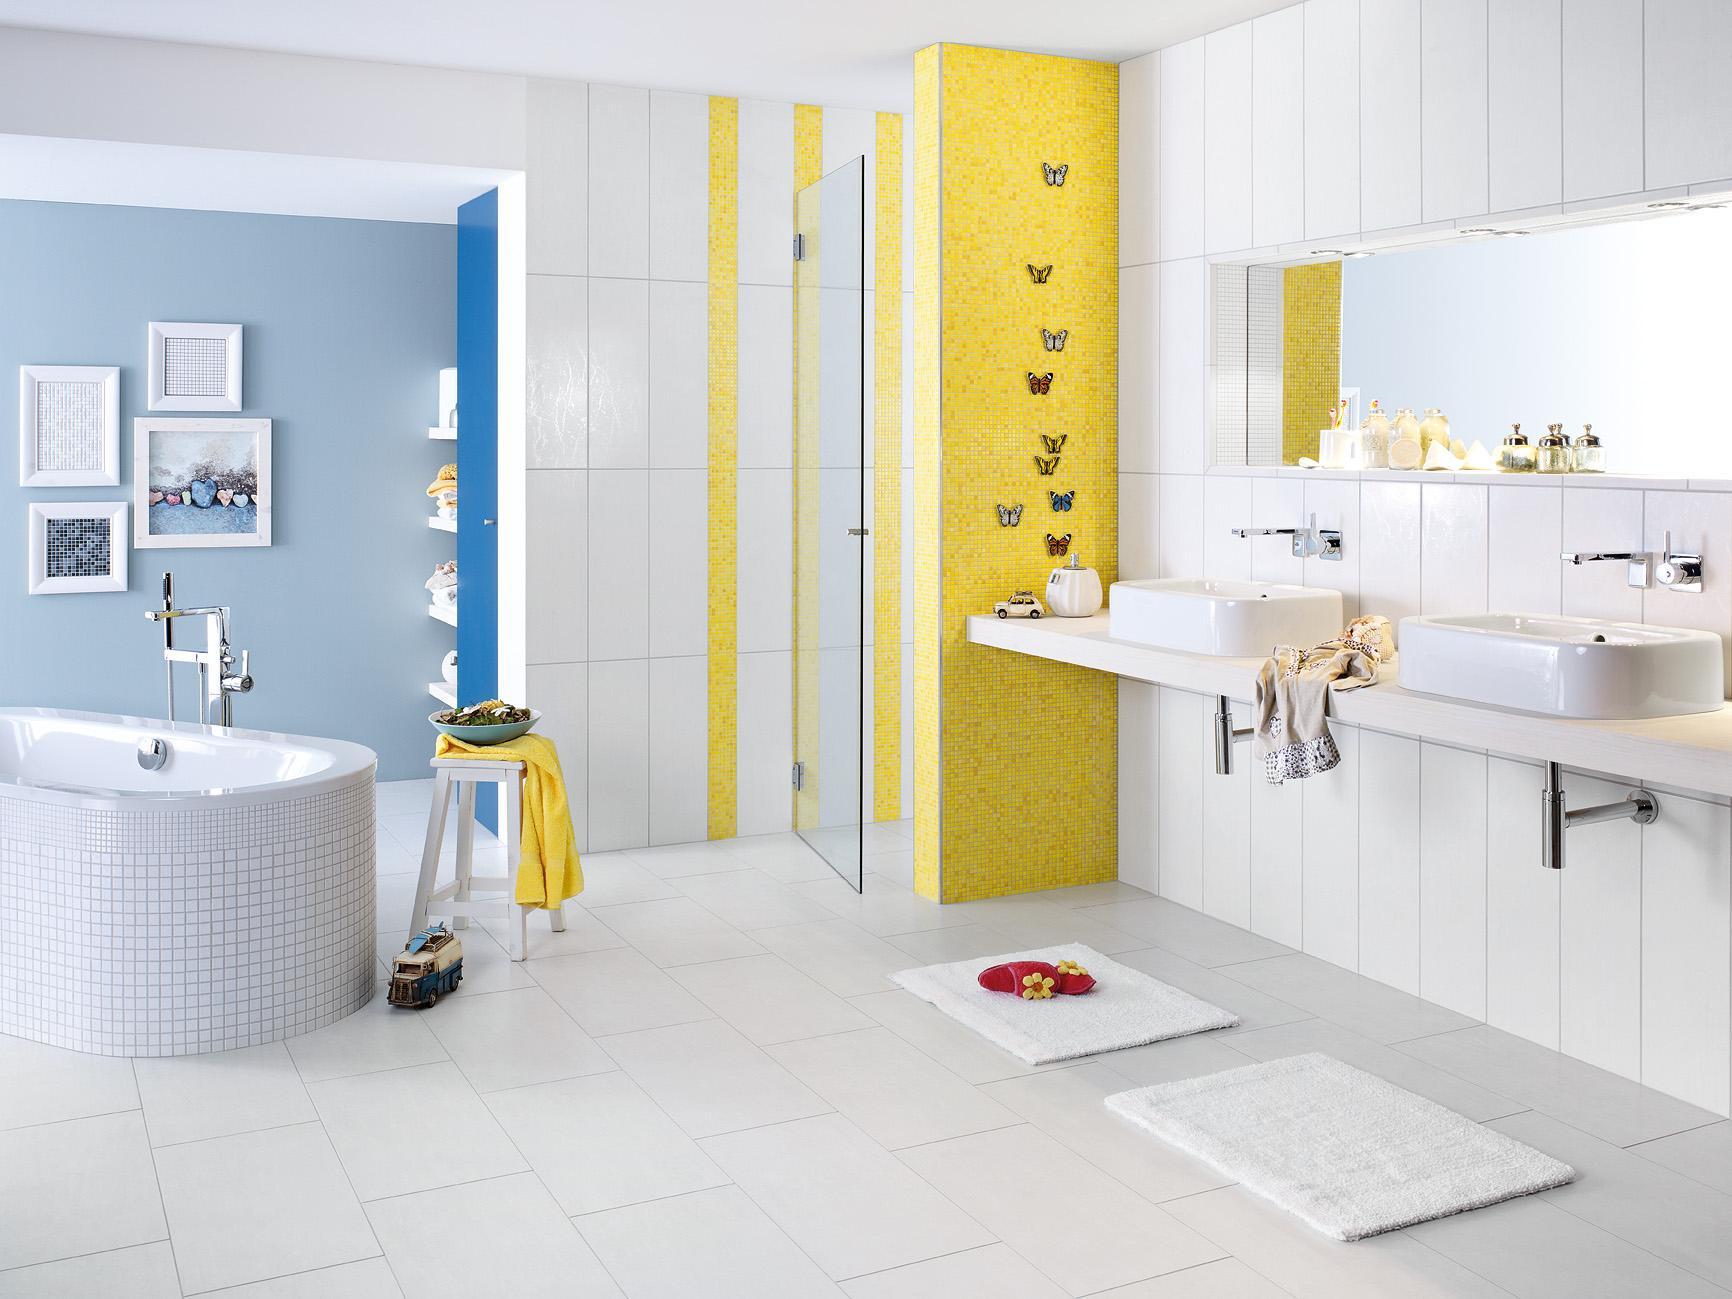 Wandgestaltung im badezimmer  Wandgestaltung für das Badezimmer • Bilder & Ideen •...